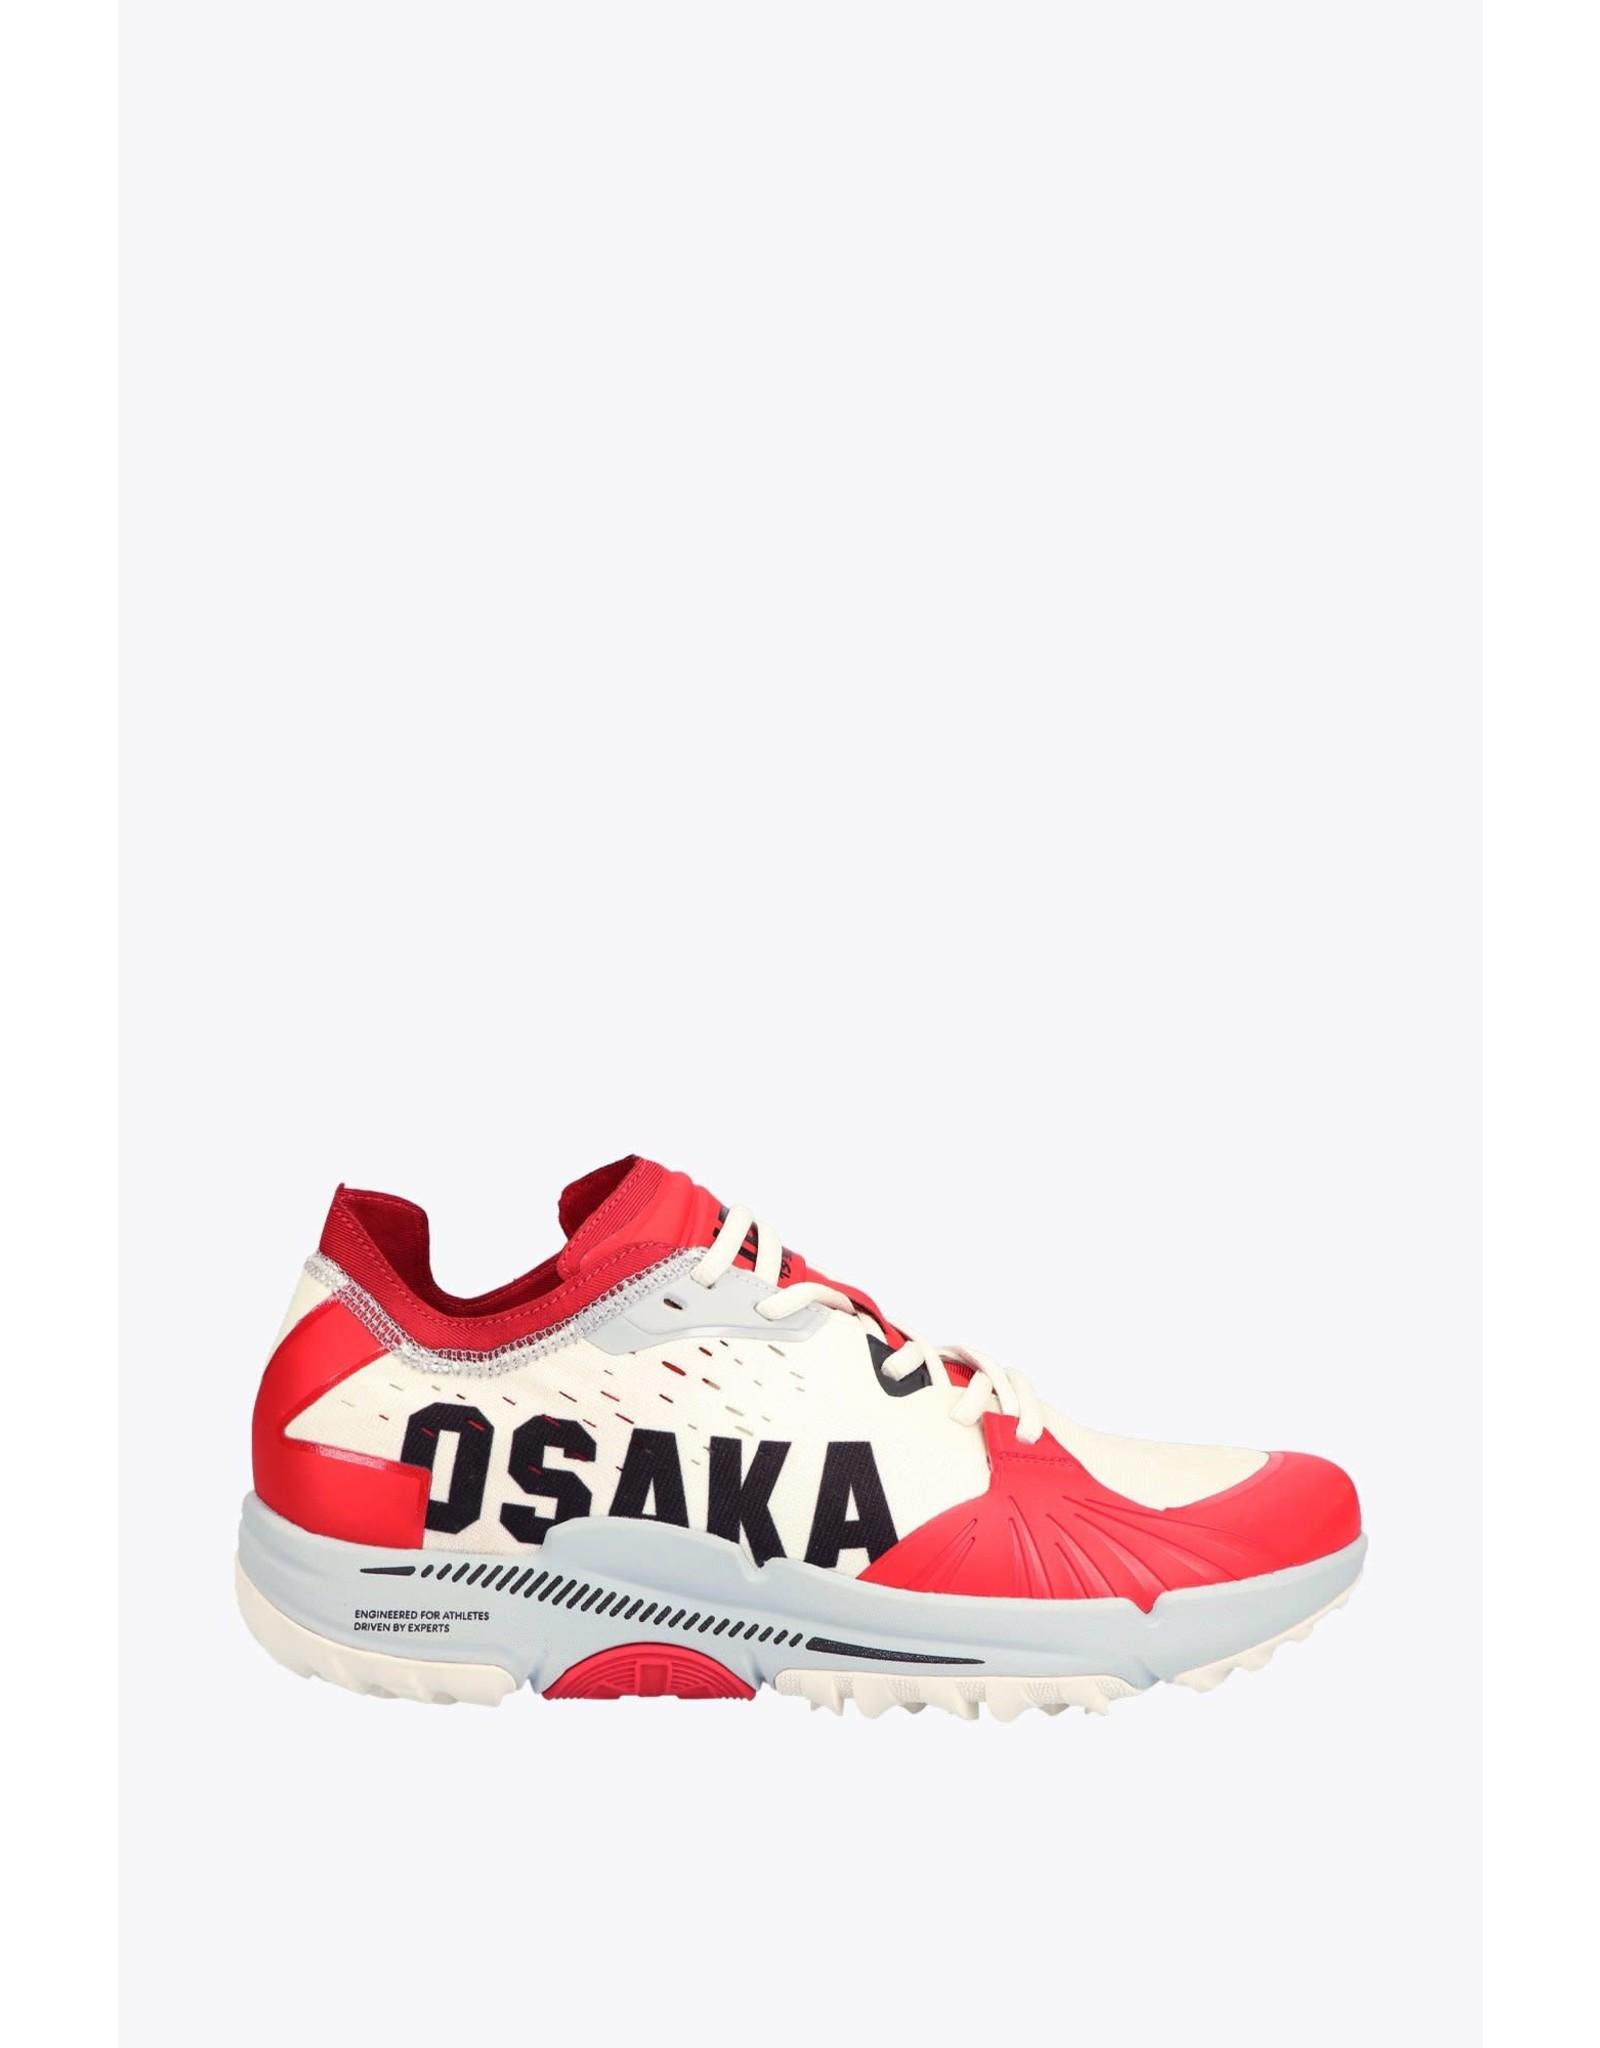 OSAKA OSAKA IDO MK1 STANDARD